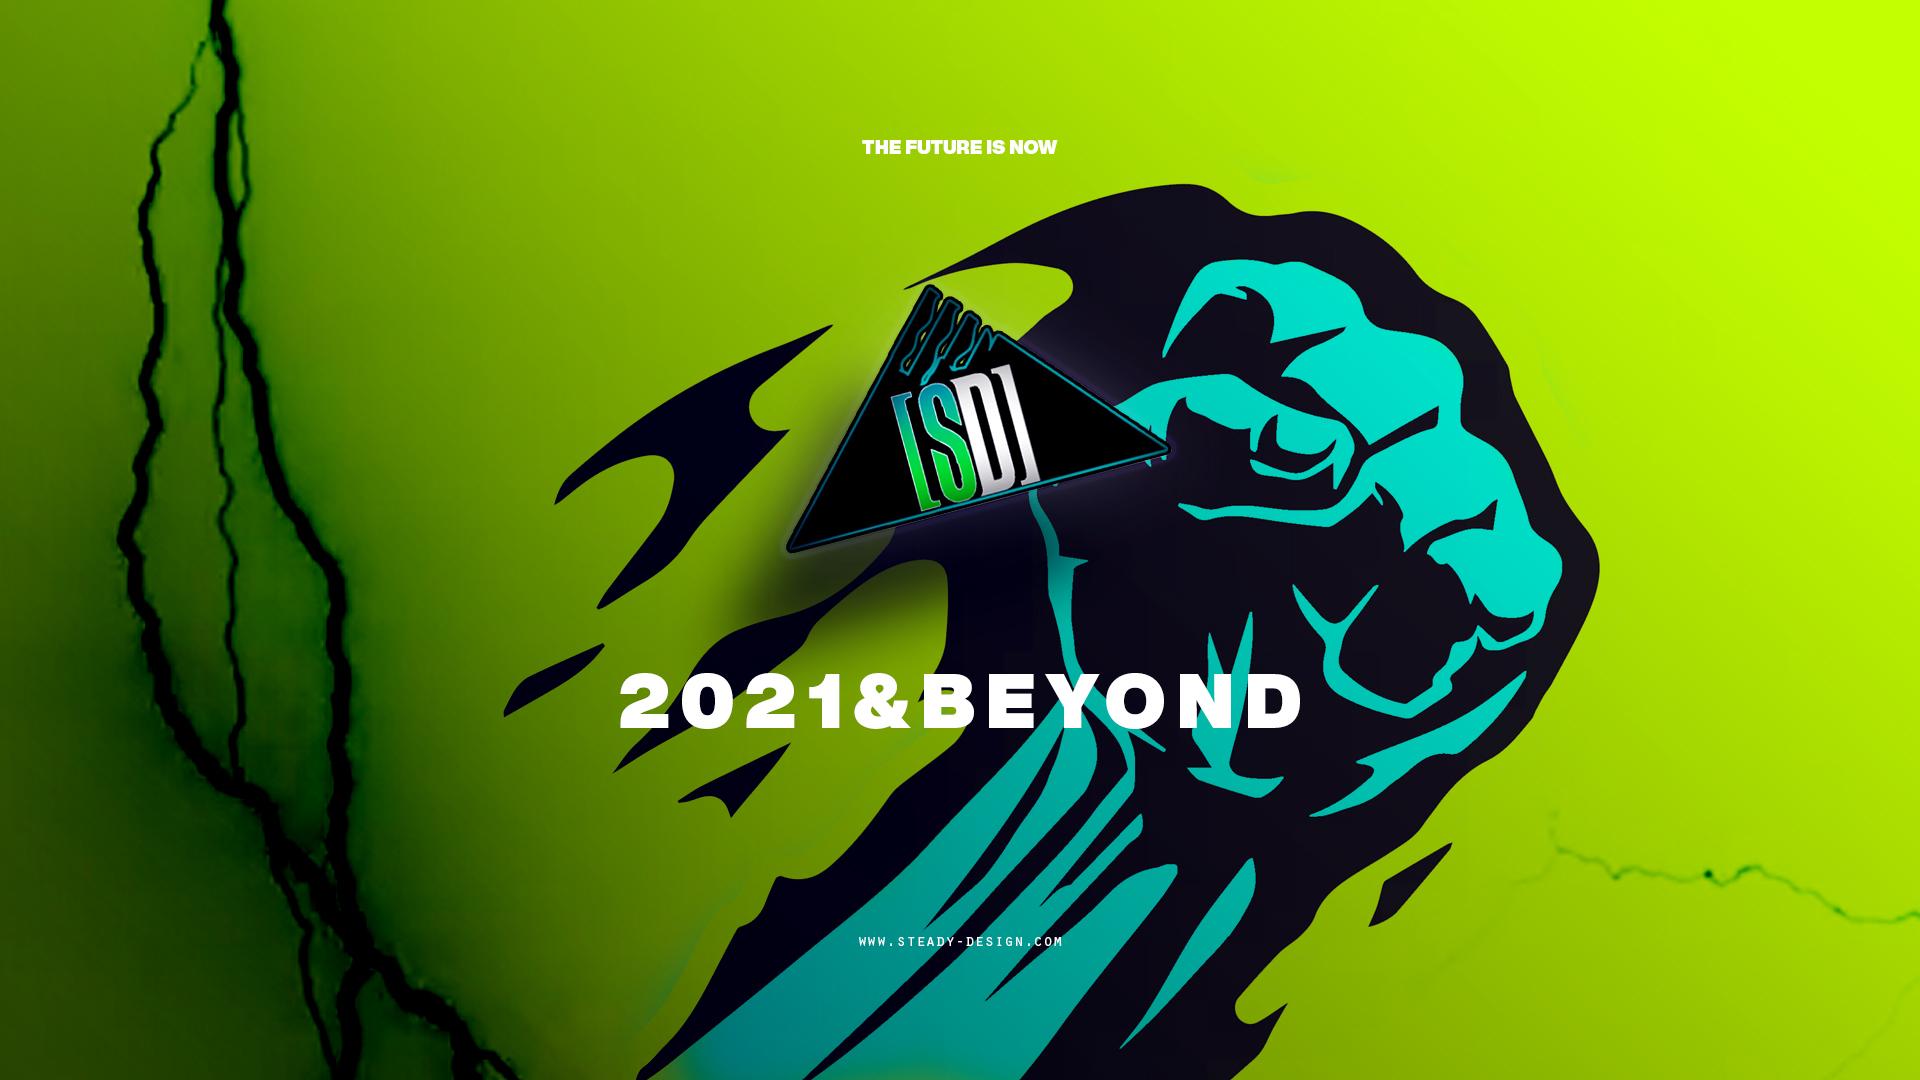 2021ANDBEYOND